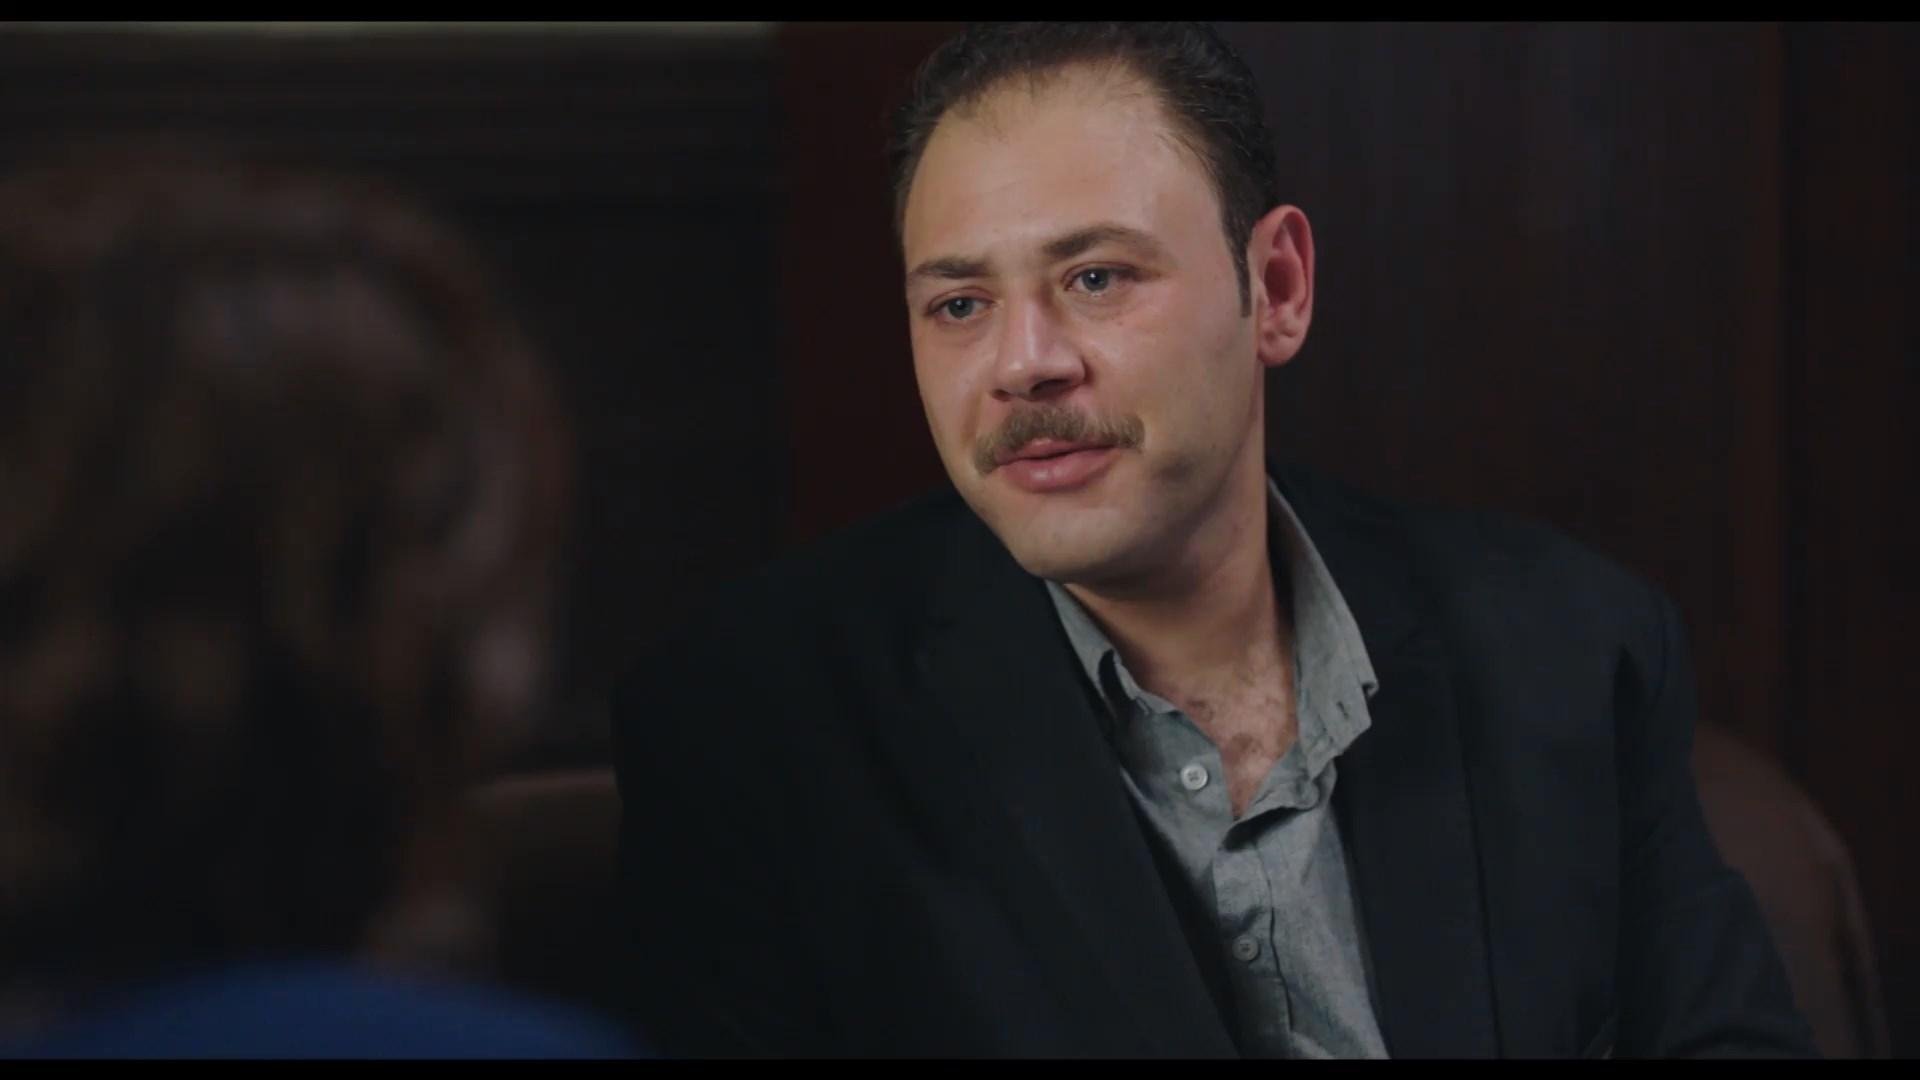 مسلسل الوجه الآخر الحلقة السابعة (2020) 1080p تحميل تورنت 8 arabp2p.com